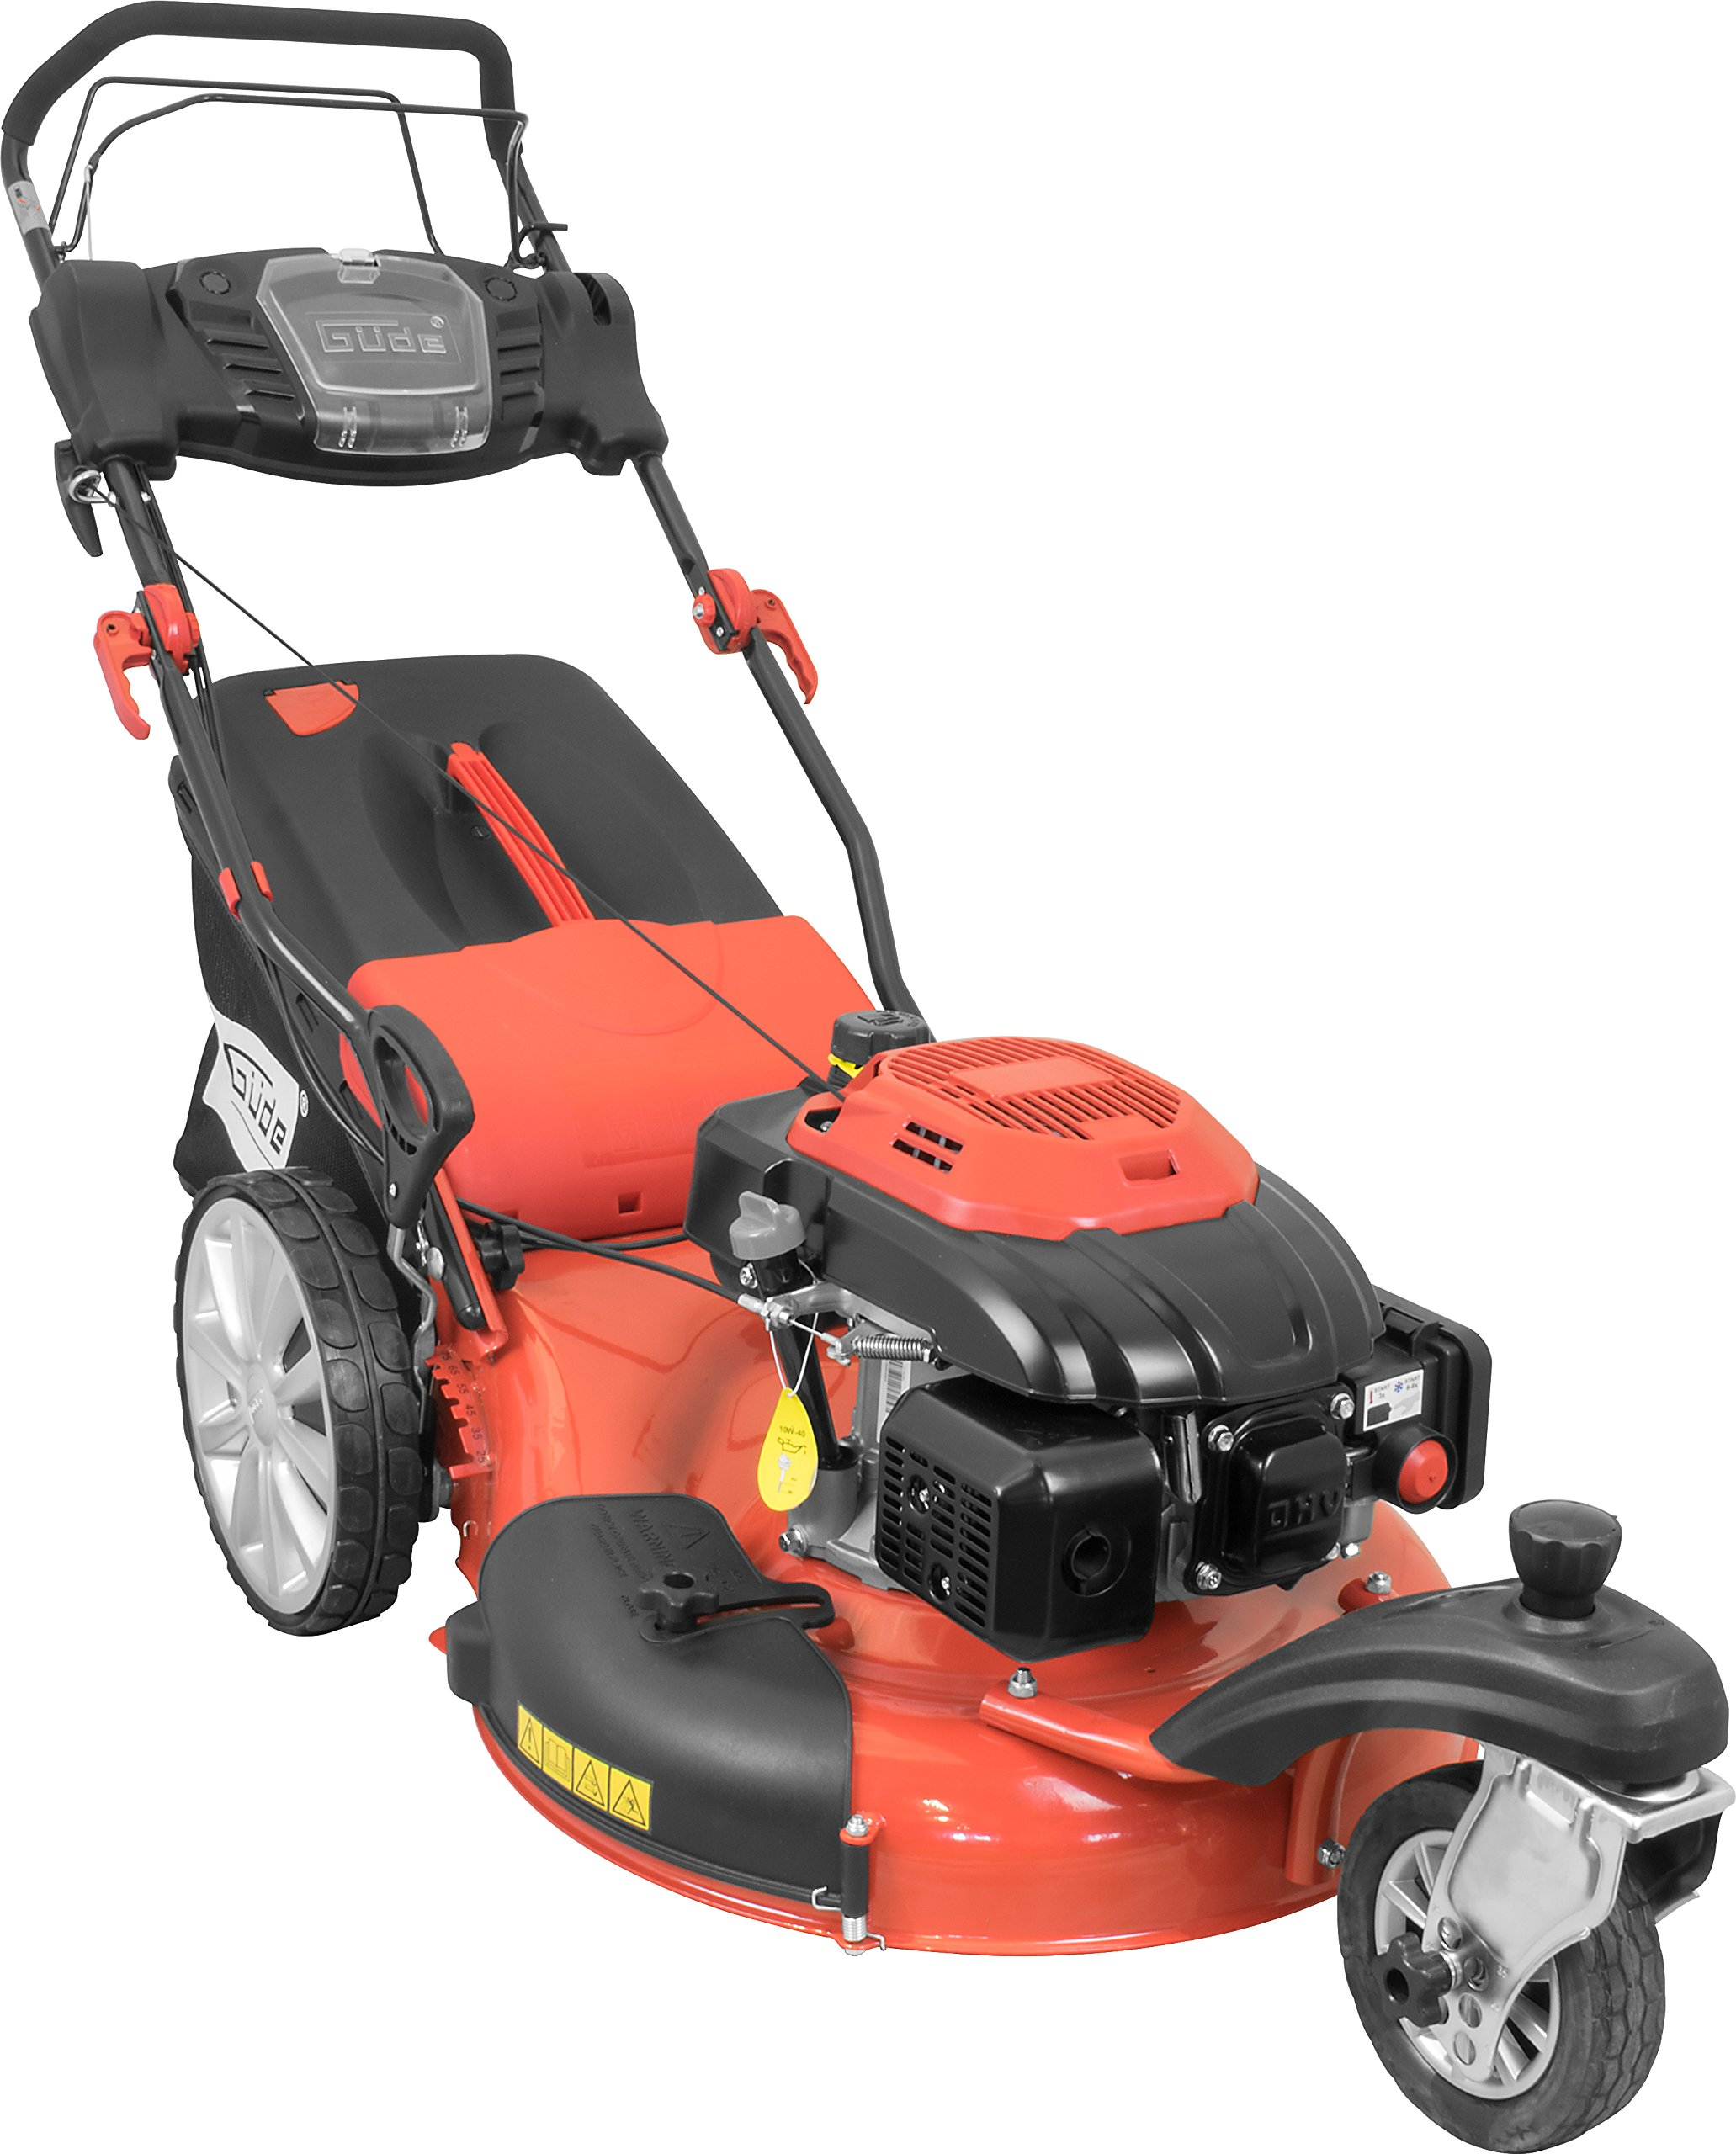 Gde-95420-Big-Wheeler-5541-R-Trike-Benzinrasenmher-Selbstantrieb-55cm-Schnittbreite-35kW-196cc-65l-Grasfangsack